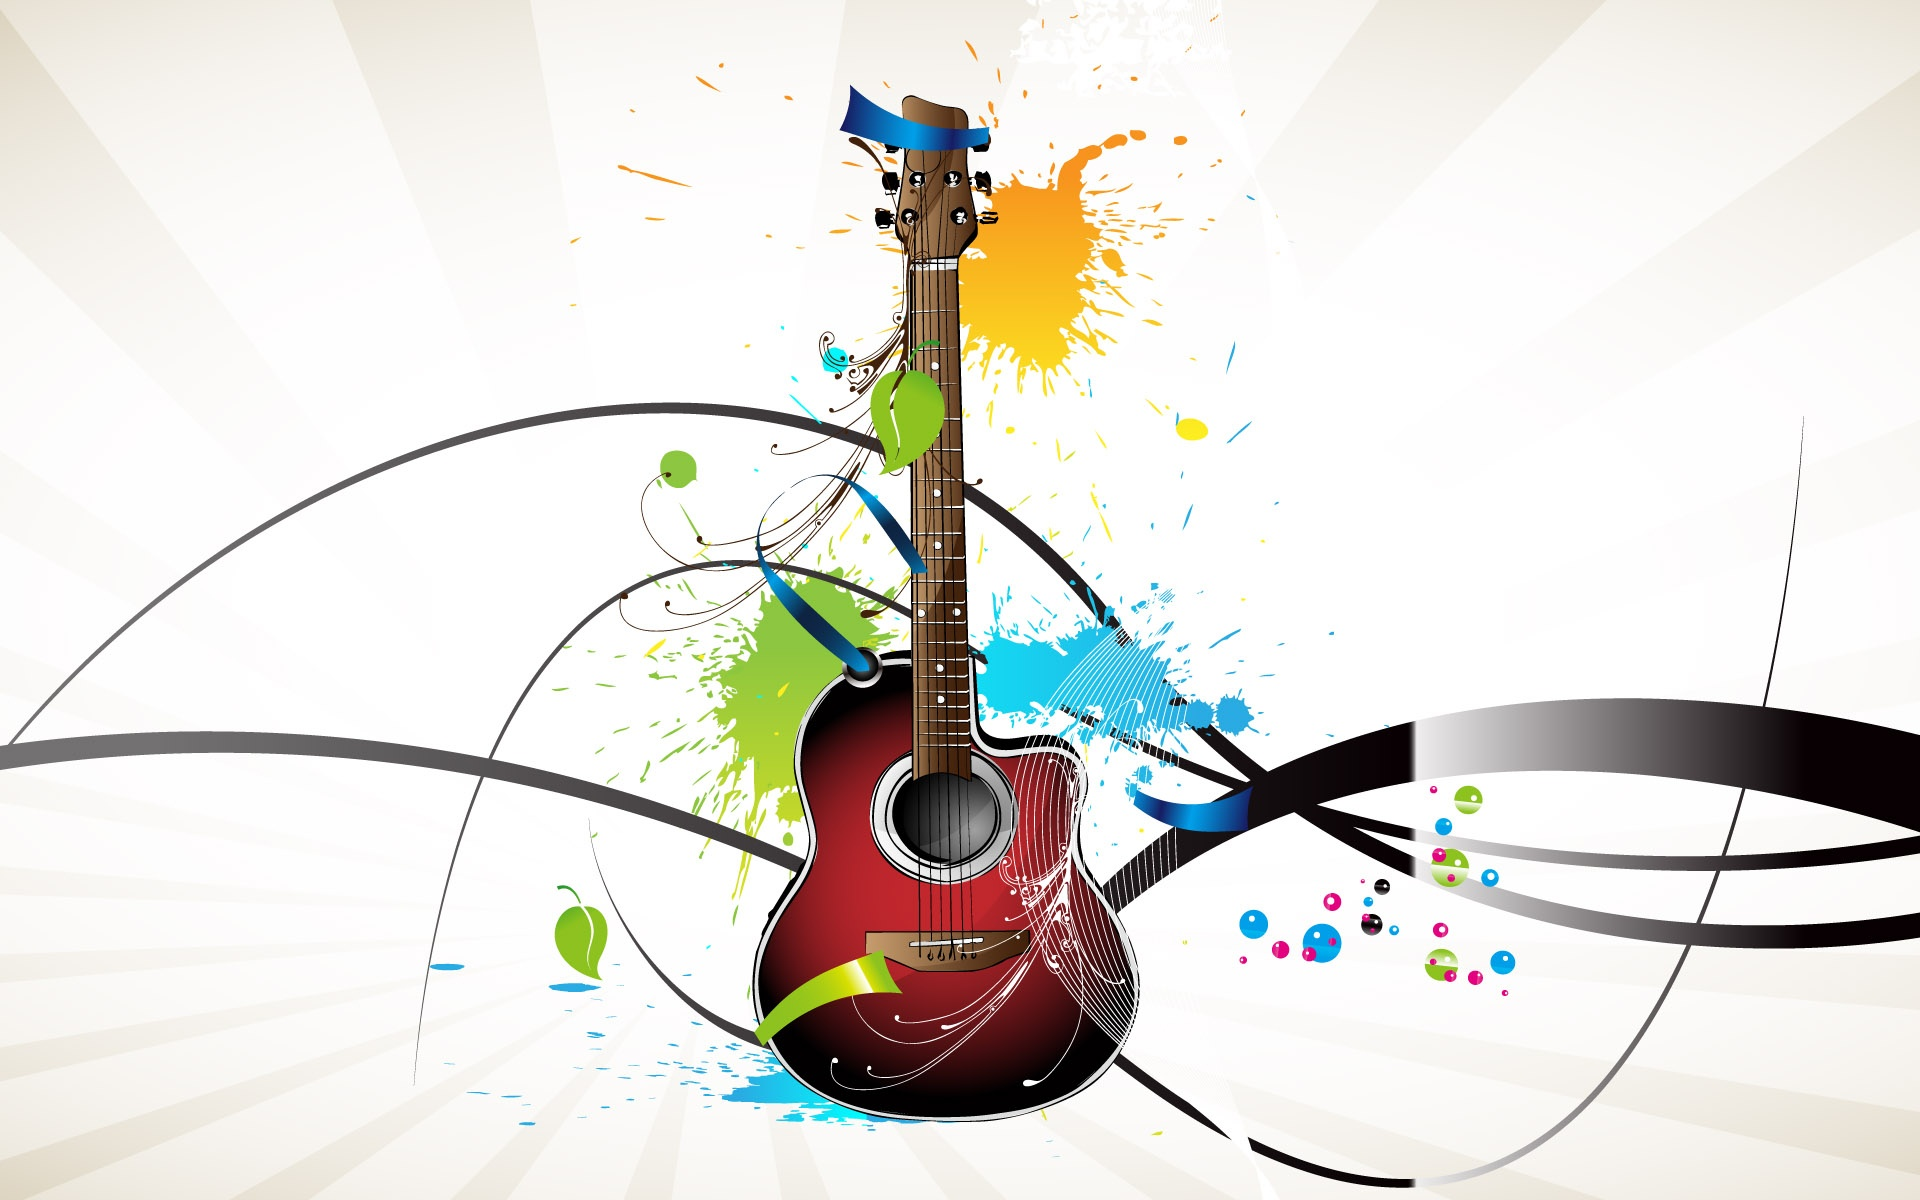 http://4.bp.blogspot.com/-bzqI4iHrIg4/UEEXaxb45II/AAAAAAAAEZg/UysdUJejfWU/s1920/cool-vector-guitar-1200.jpg